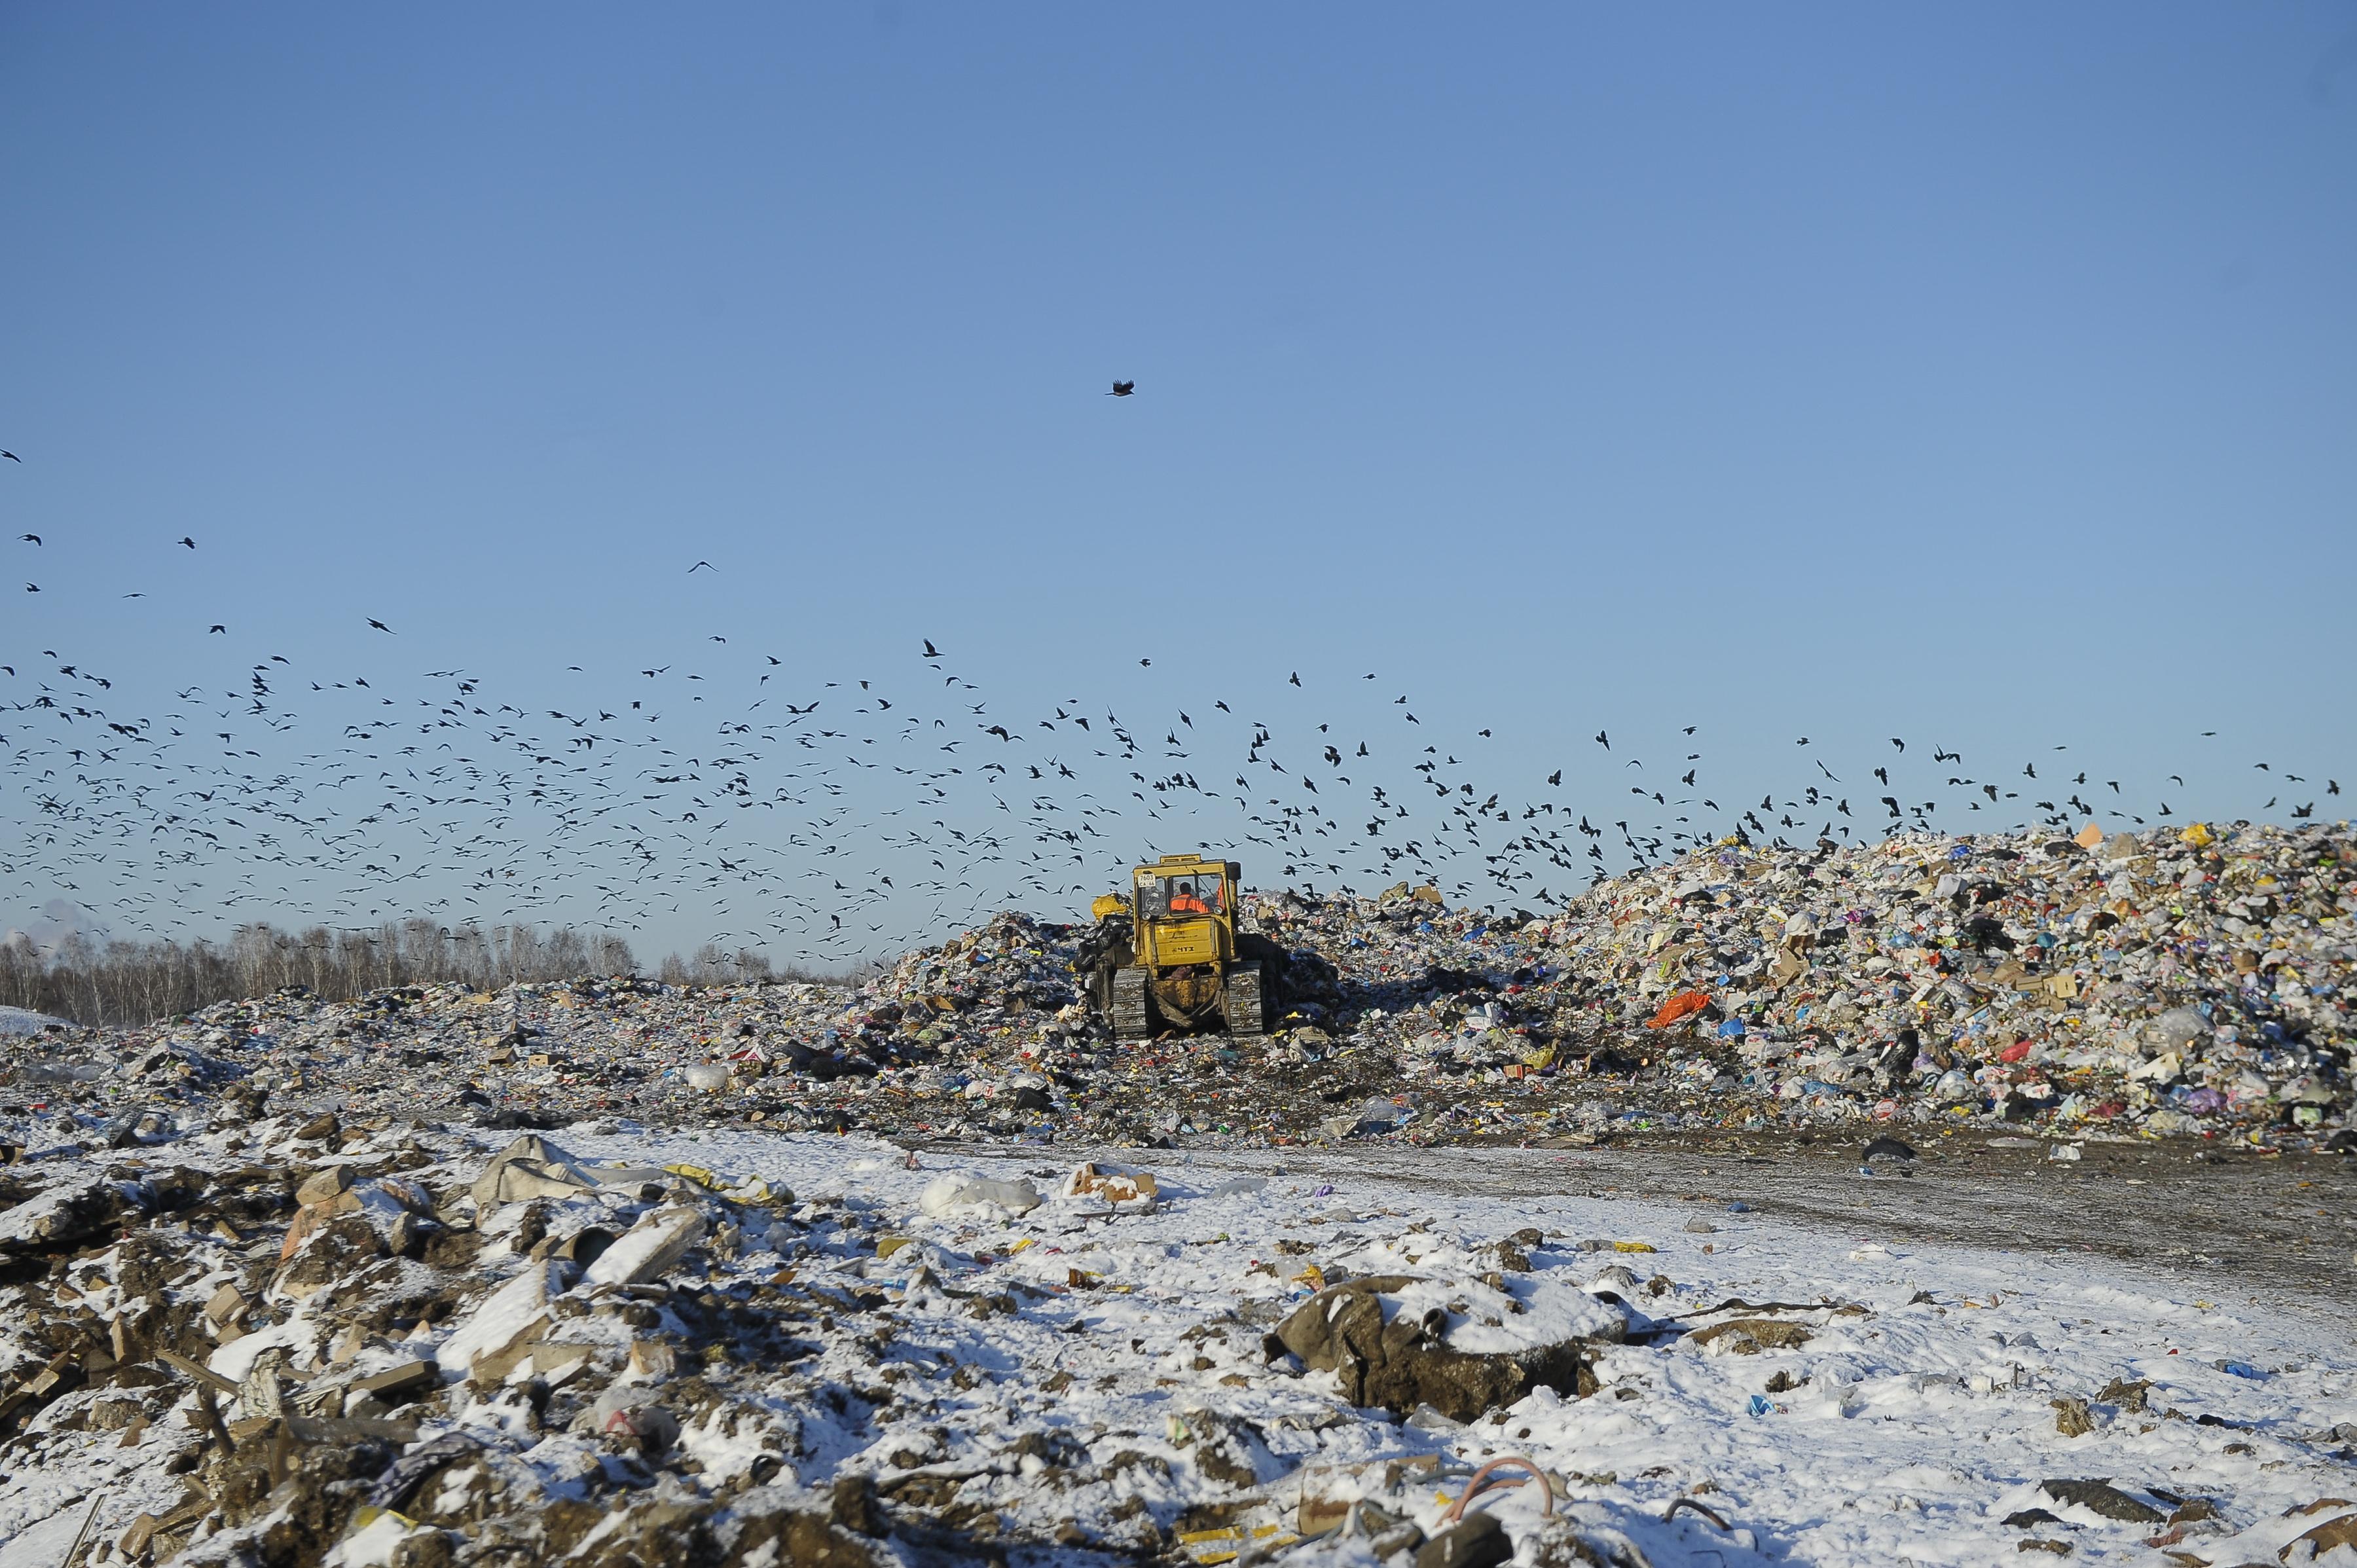 полигон для мусора картинка составе блюда практически